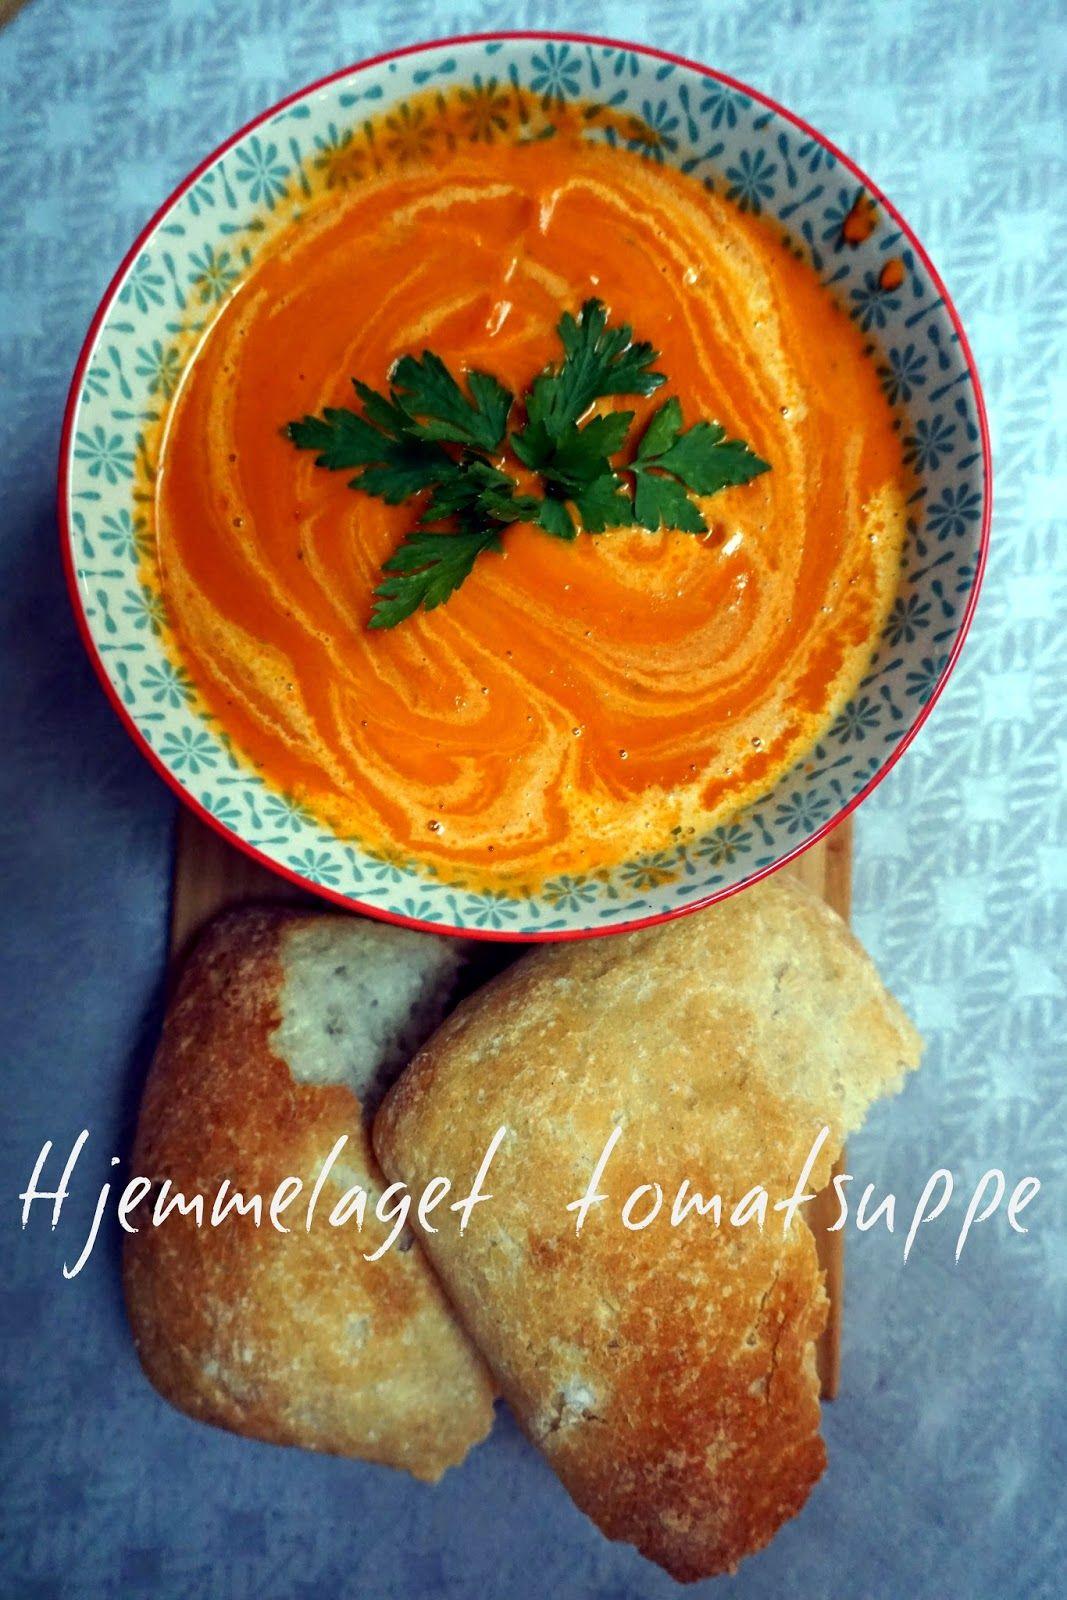 smågodt - en blogg med alt mellom himmel og jord: Hjemmelaget tomatsuppe